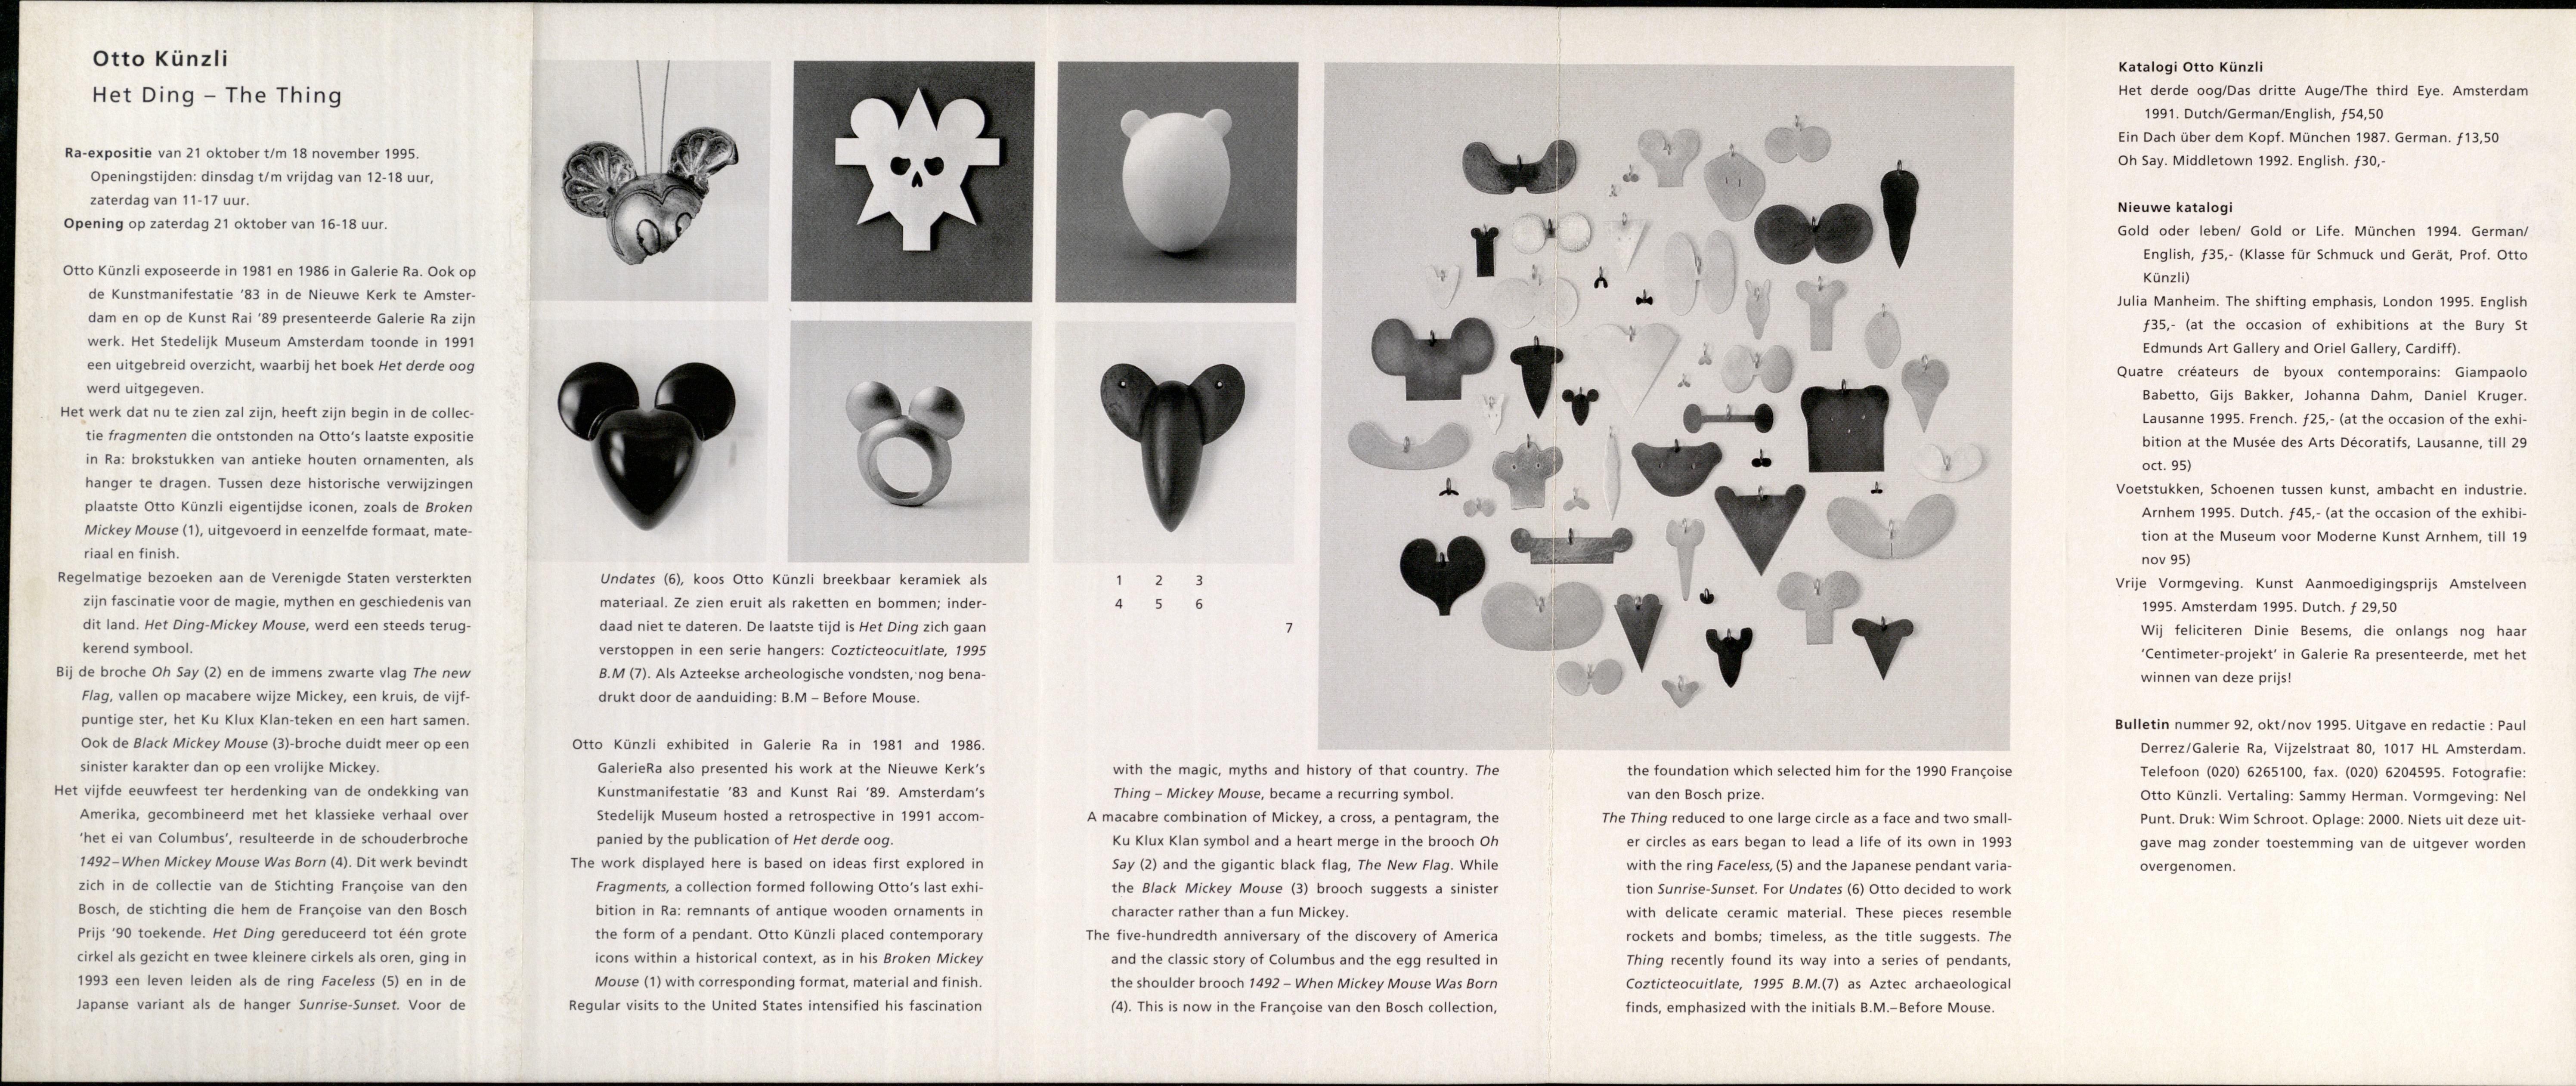 Ra Bulletin 92, oktober/november 1995, achterzijde met tekst en foto's van Otto Künzli, drukwerk, papier, metaal, hangers, ringen, broches, keramiek